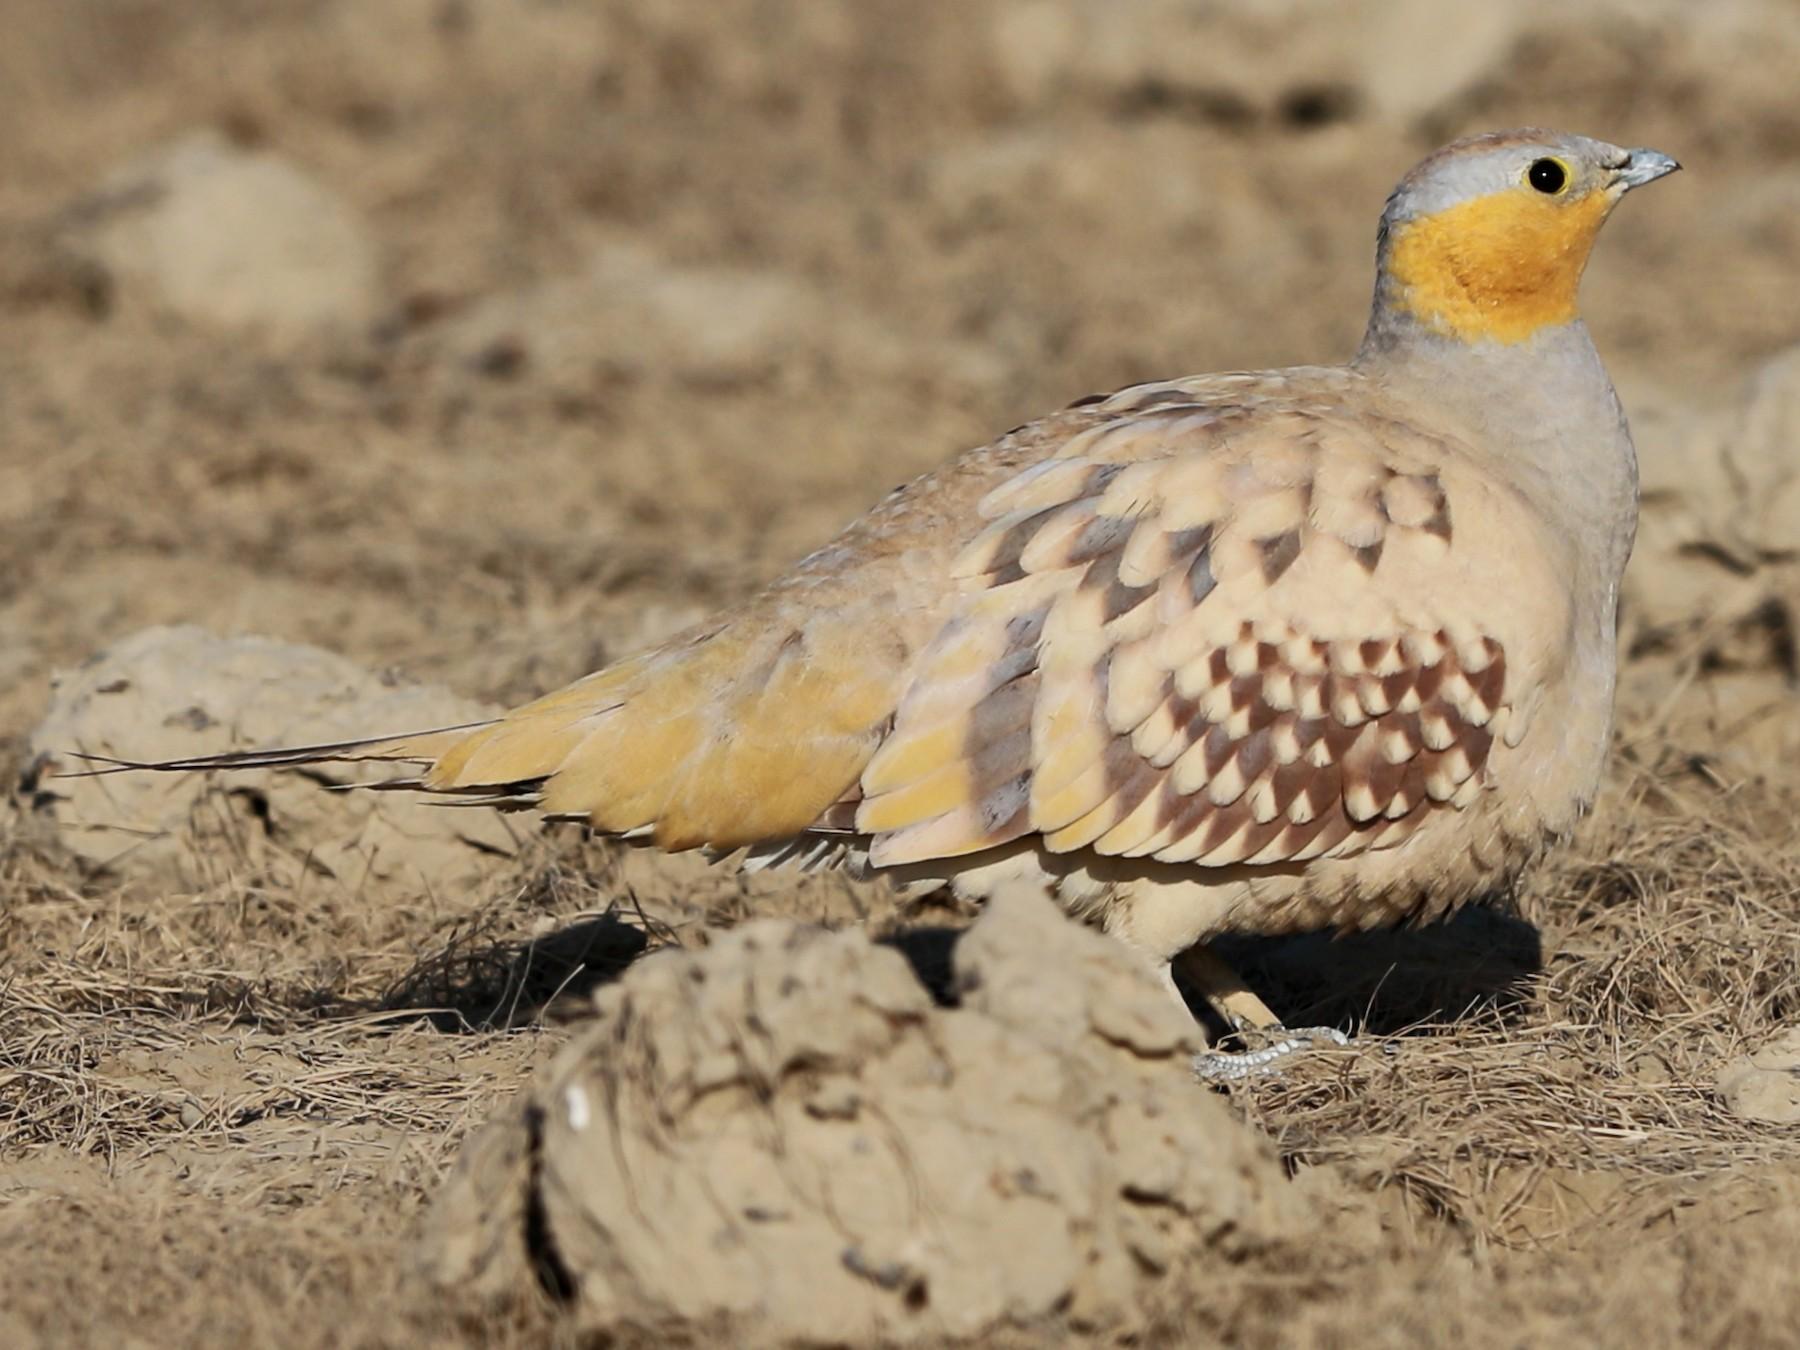 Spotted Sandgrouse - Gaurang Bagda